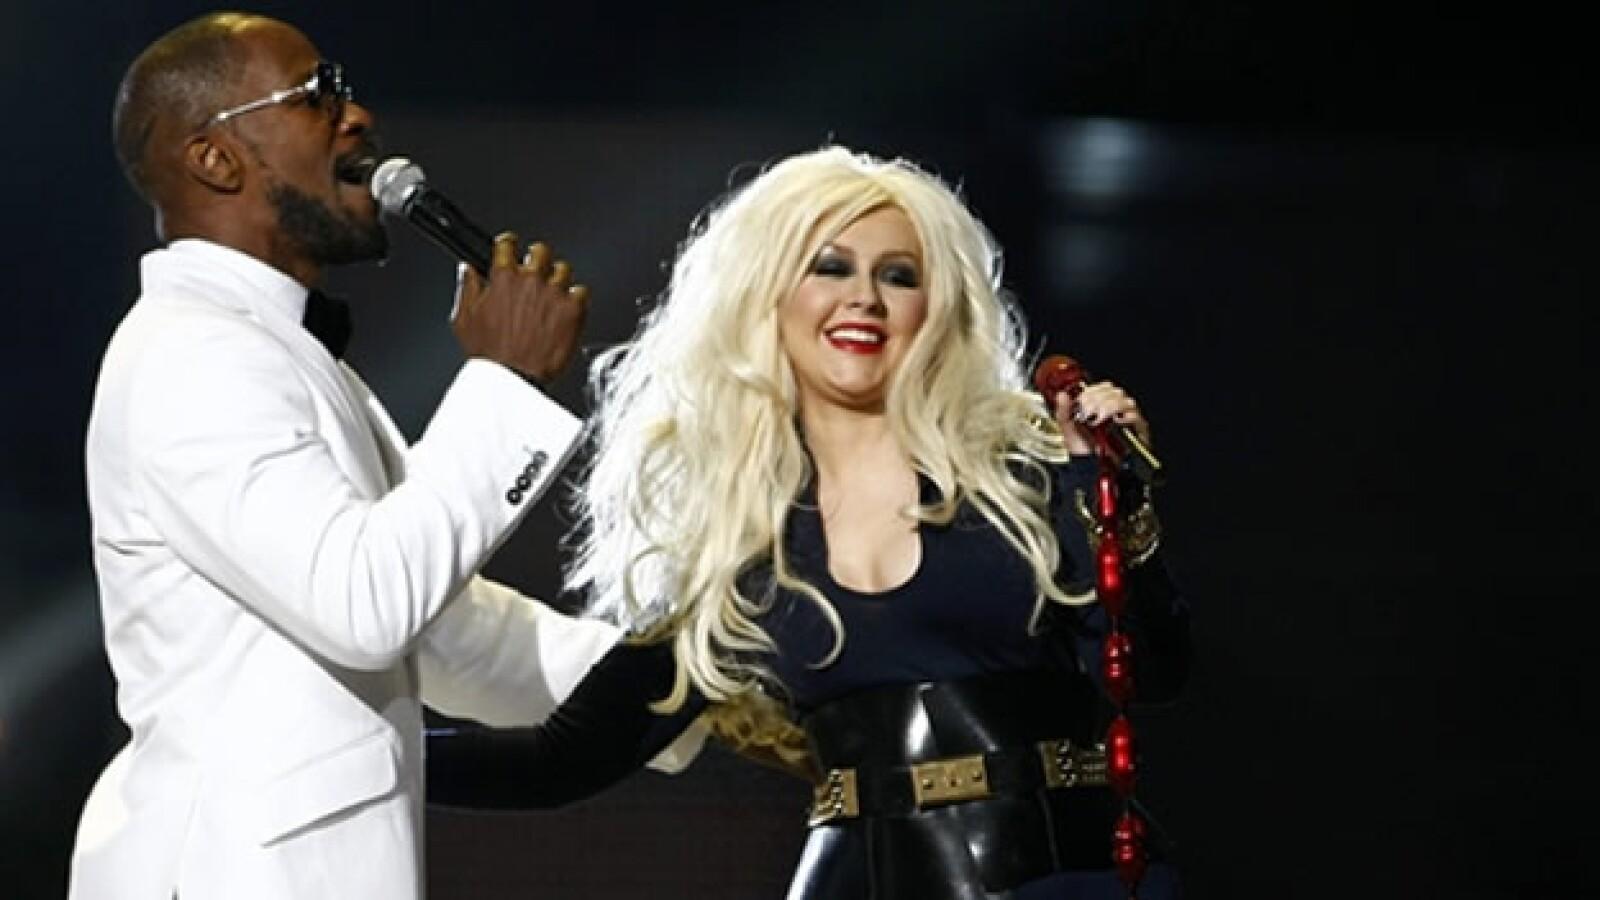 Michael Jackson Concierto Gales Hijos Fan Christina Aguilera